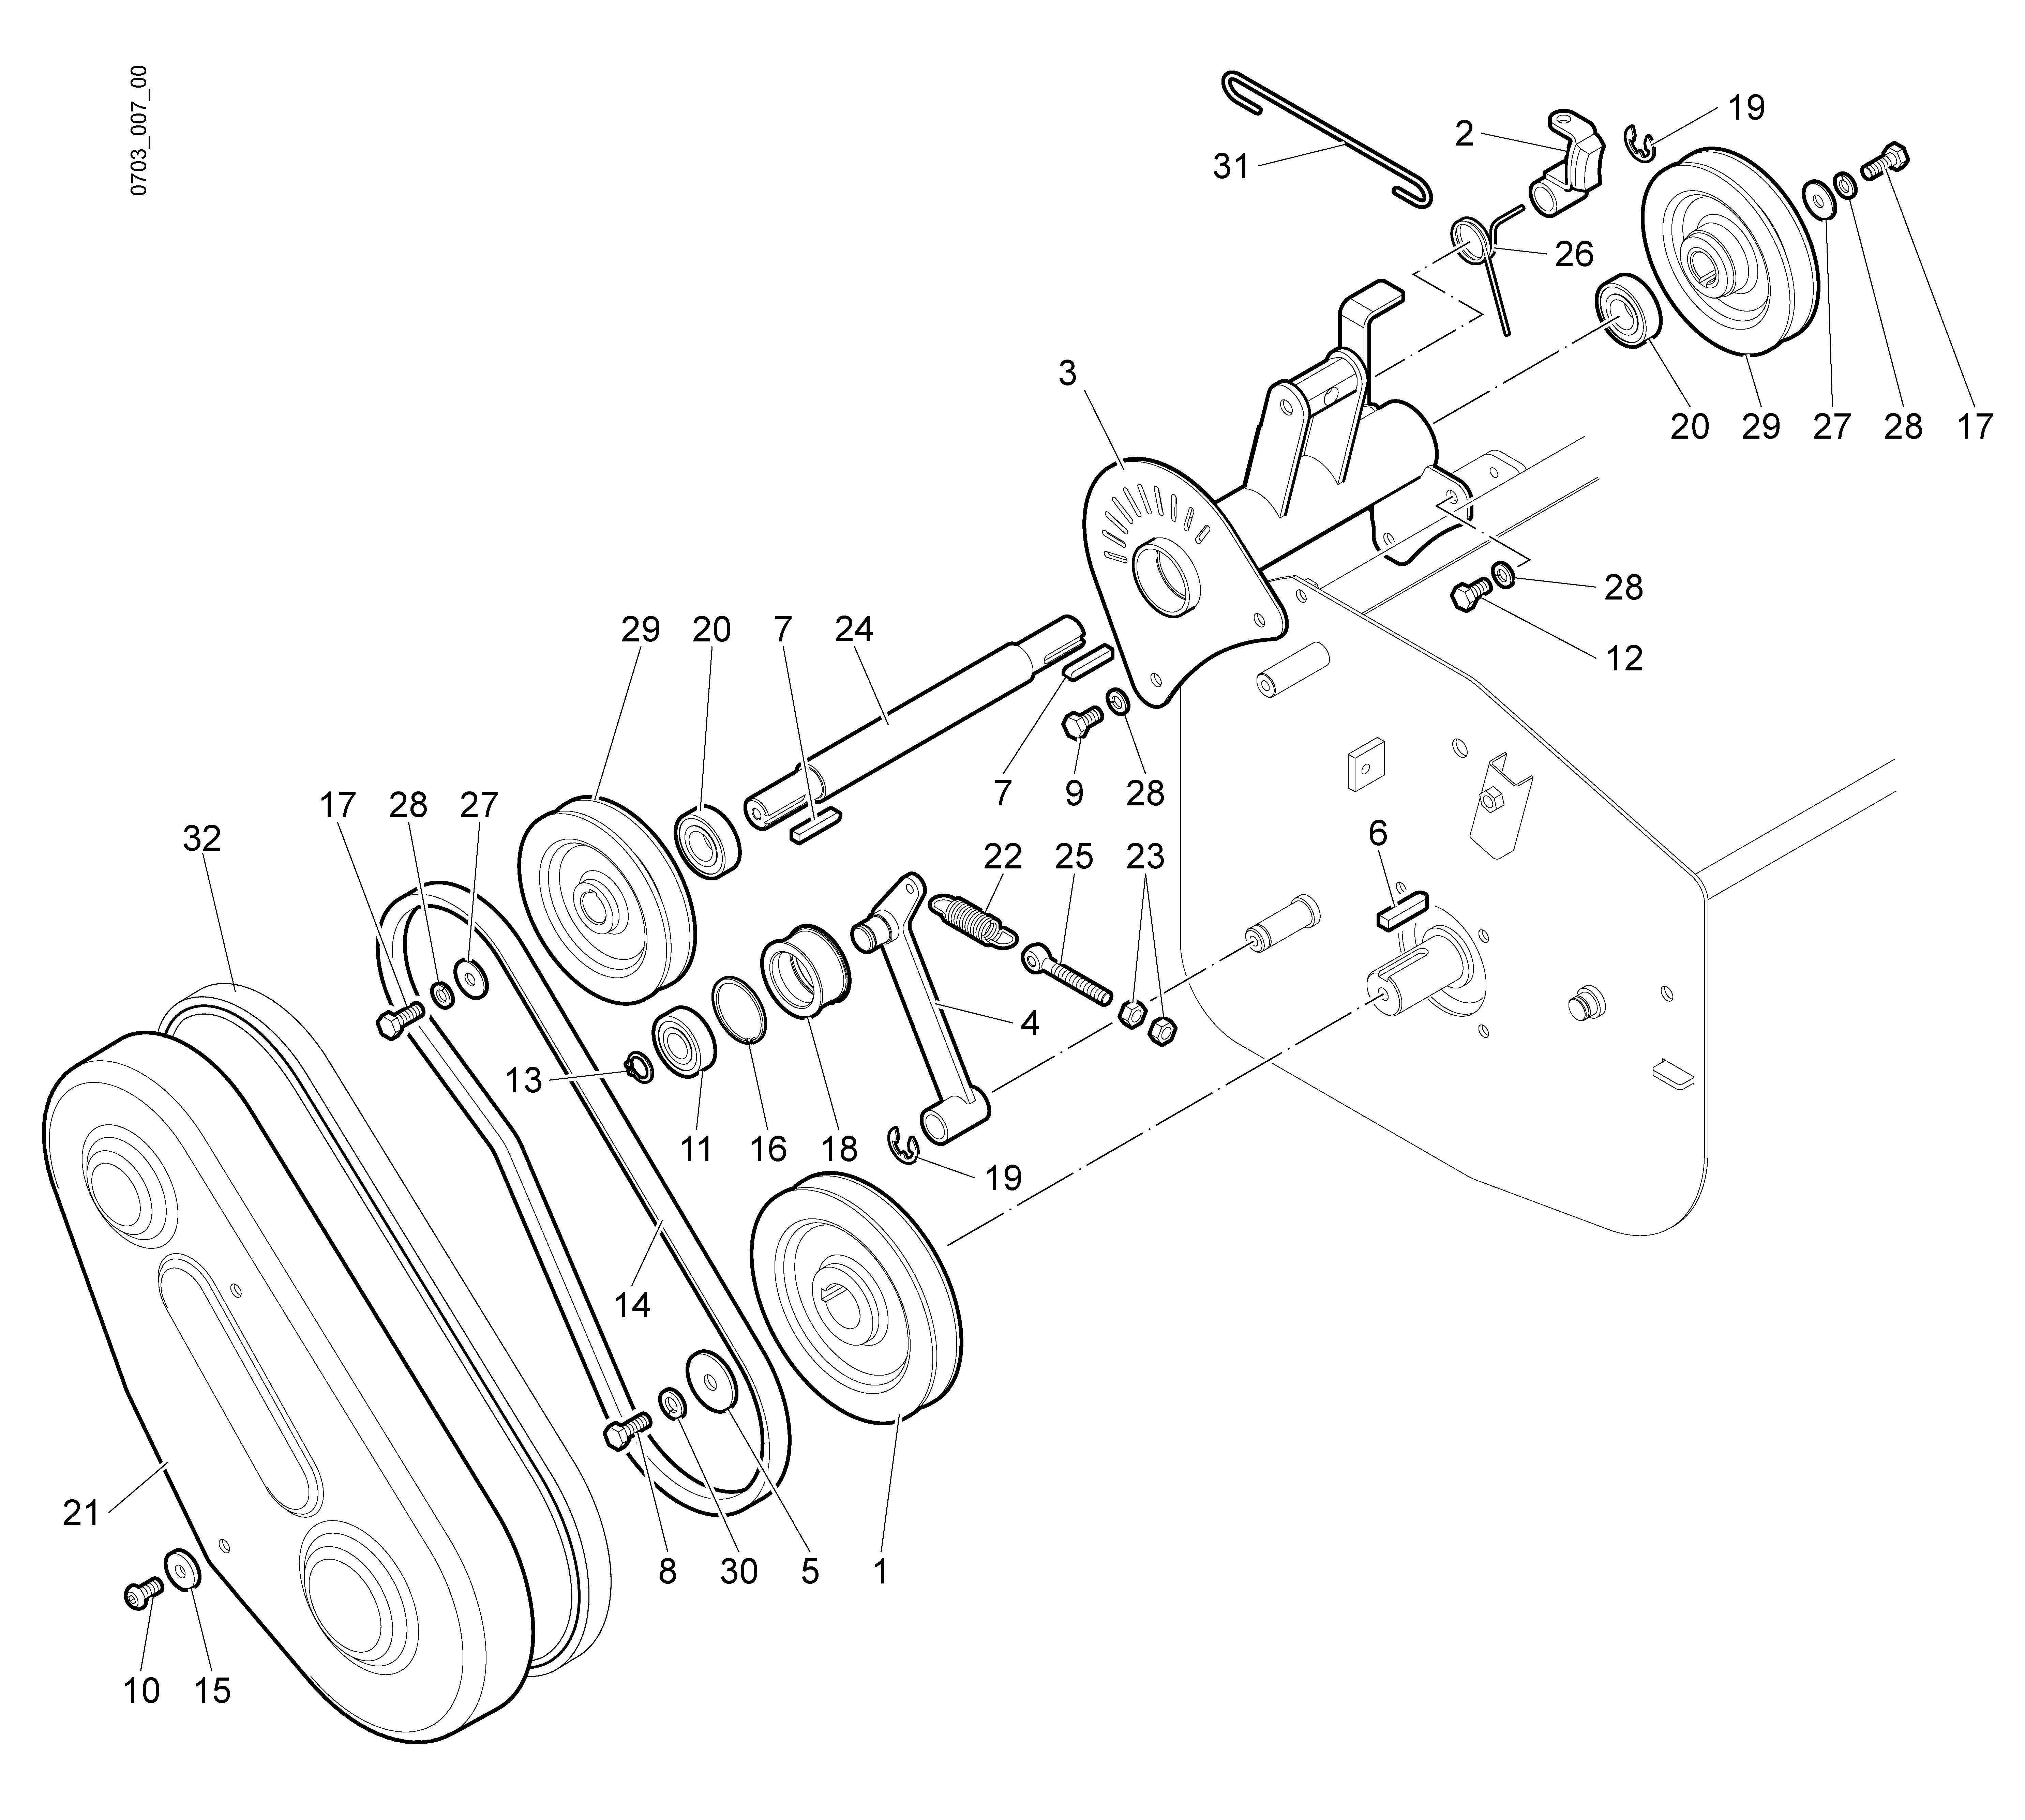 WB 80 KR 11 Tondeuse à fléaux  Oleomac Vue éclatée  Dessins pièces -  Transmission (2/2)